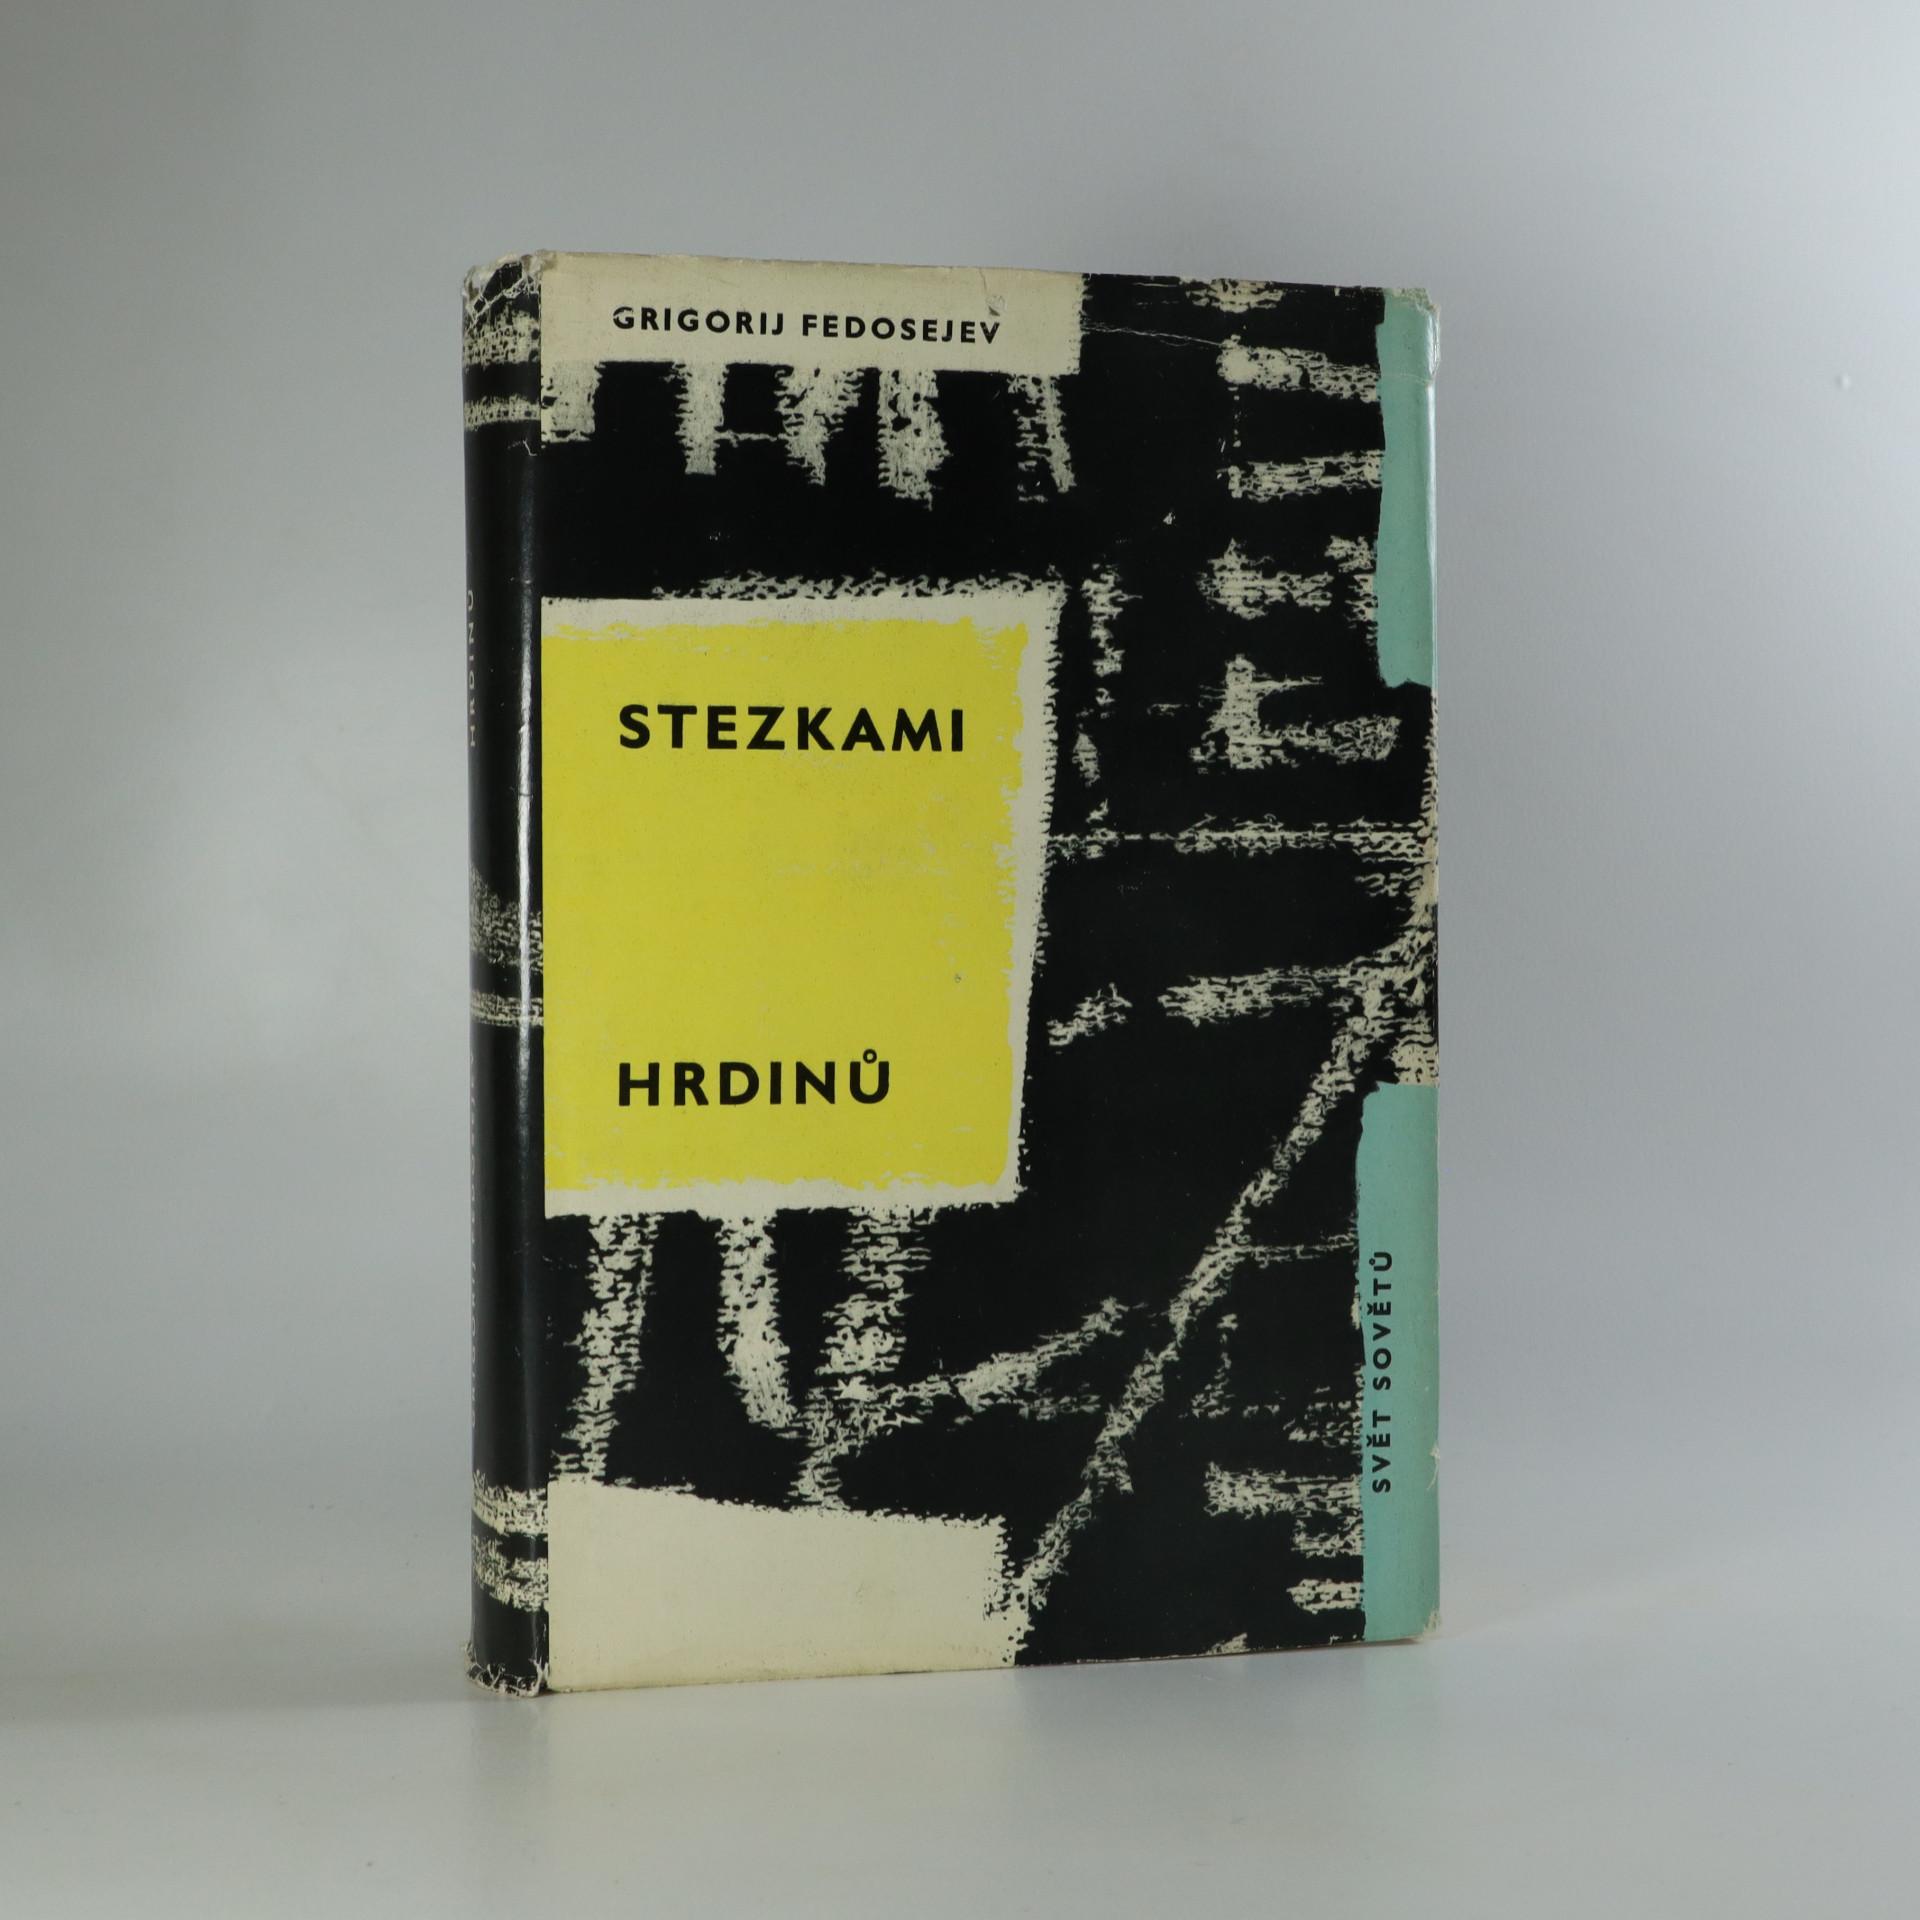 antikvární kniha Stezkami hrdinů, 1964